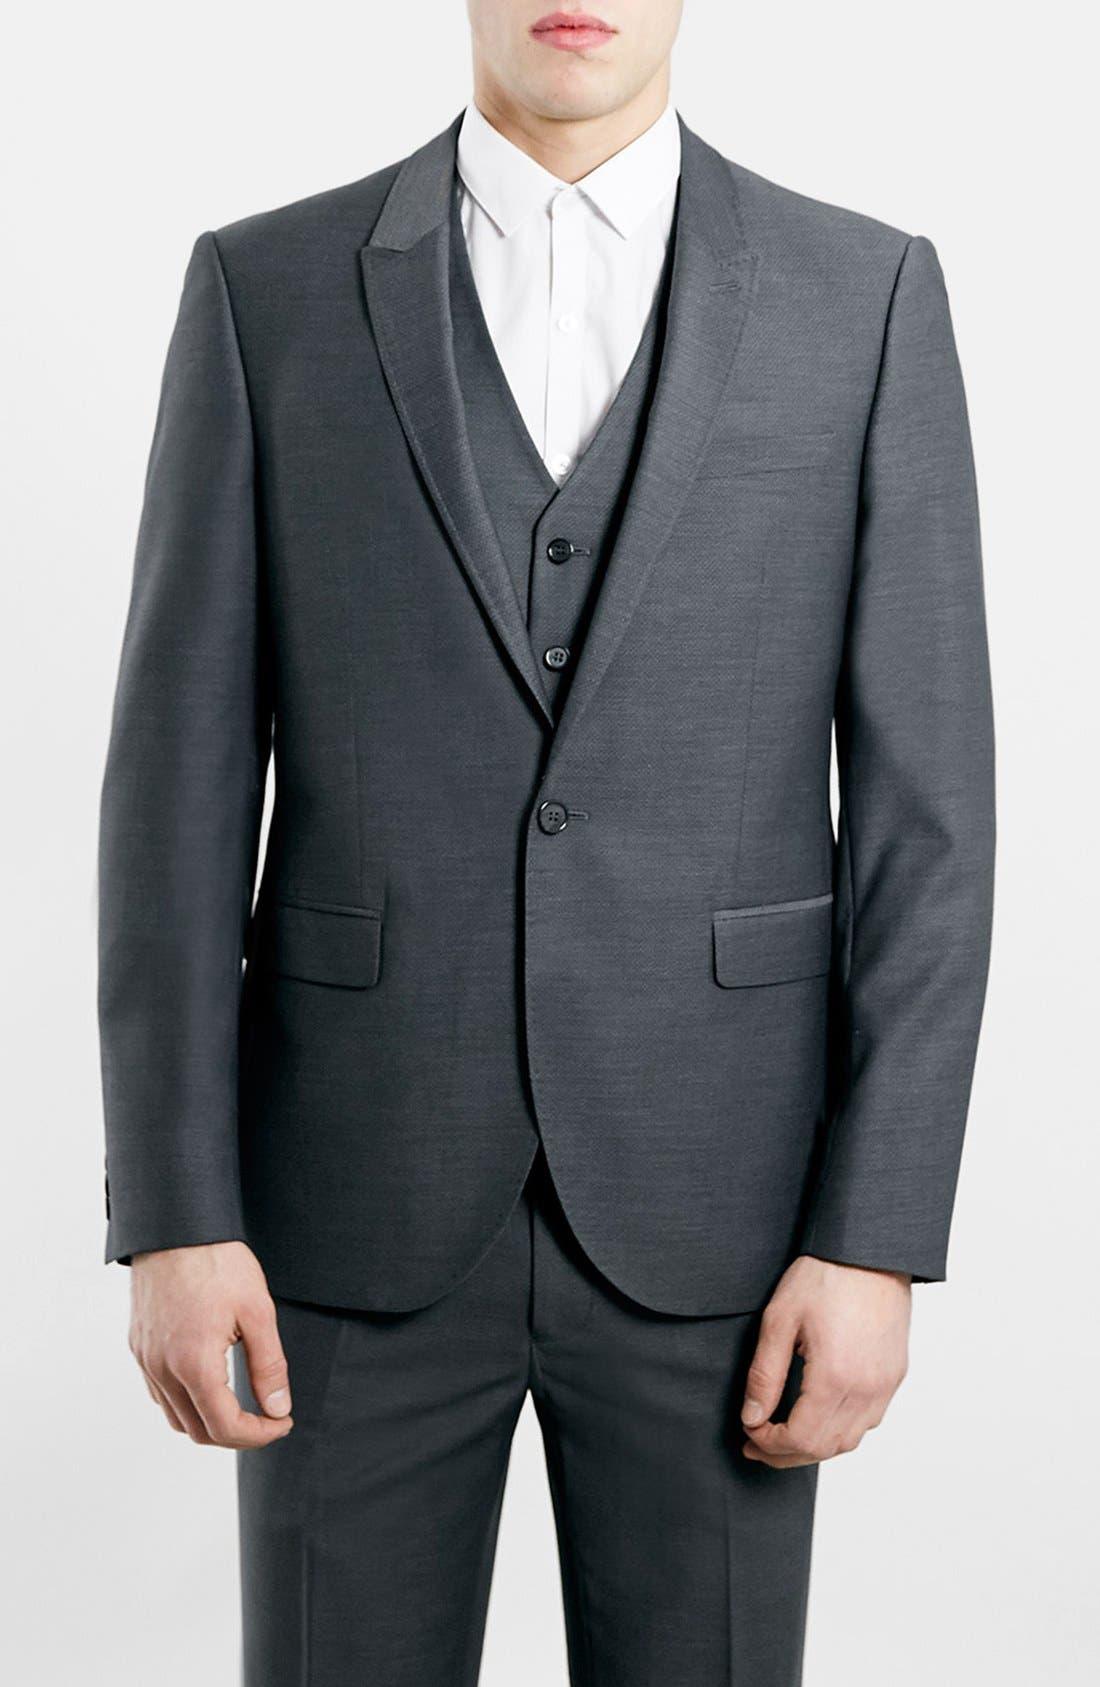 TOPMAN, Slim Fit Grey Diamond Texture Suit Jacket, Main thumbnail 1, color, 020